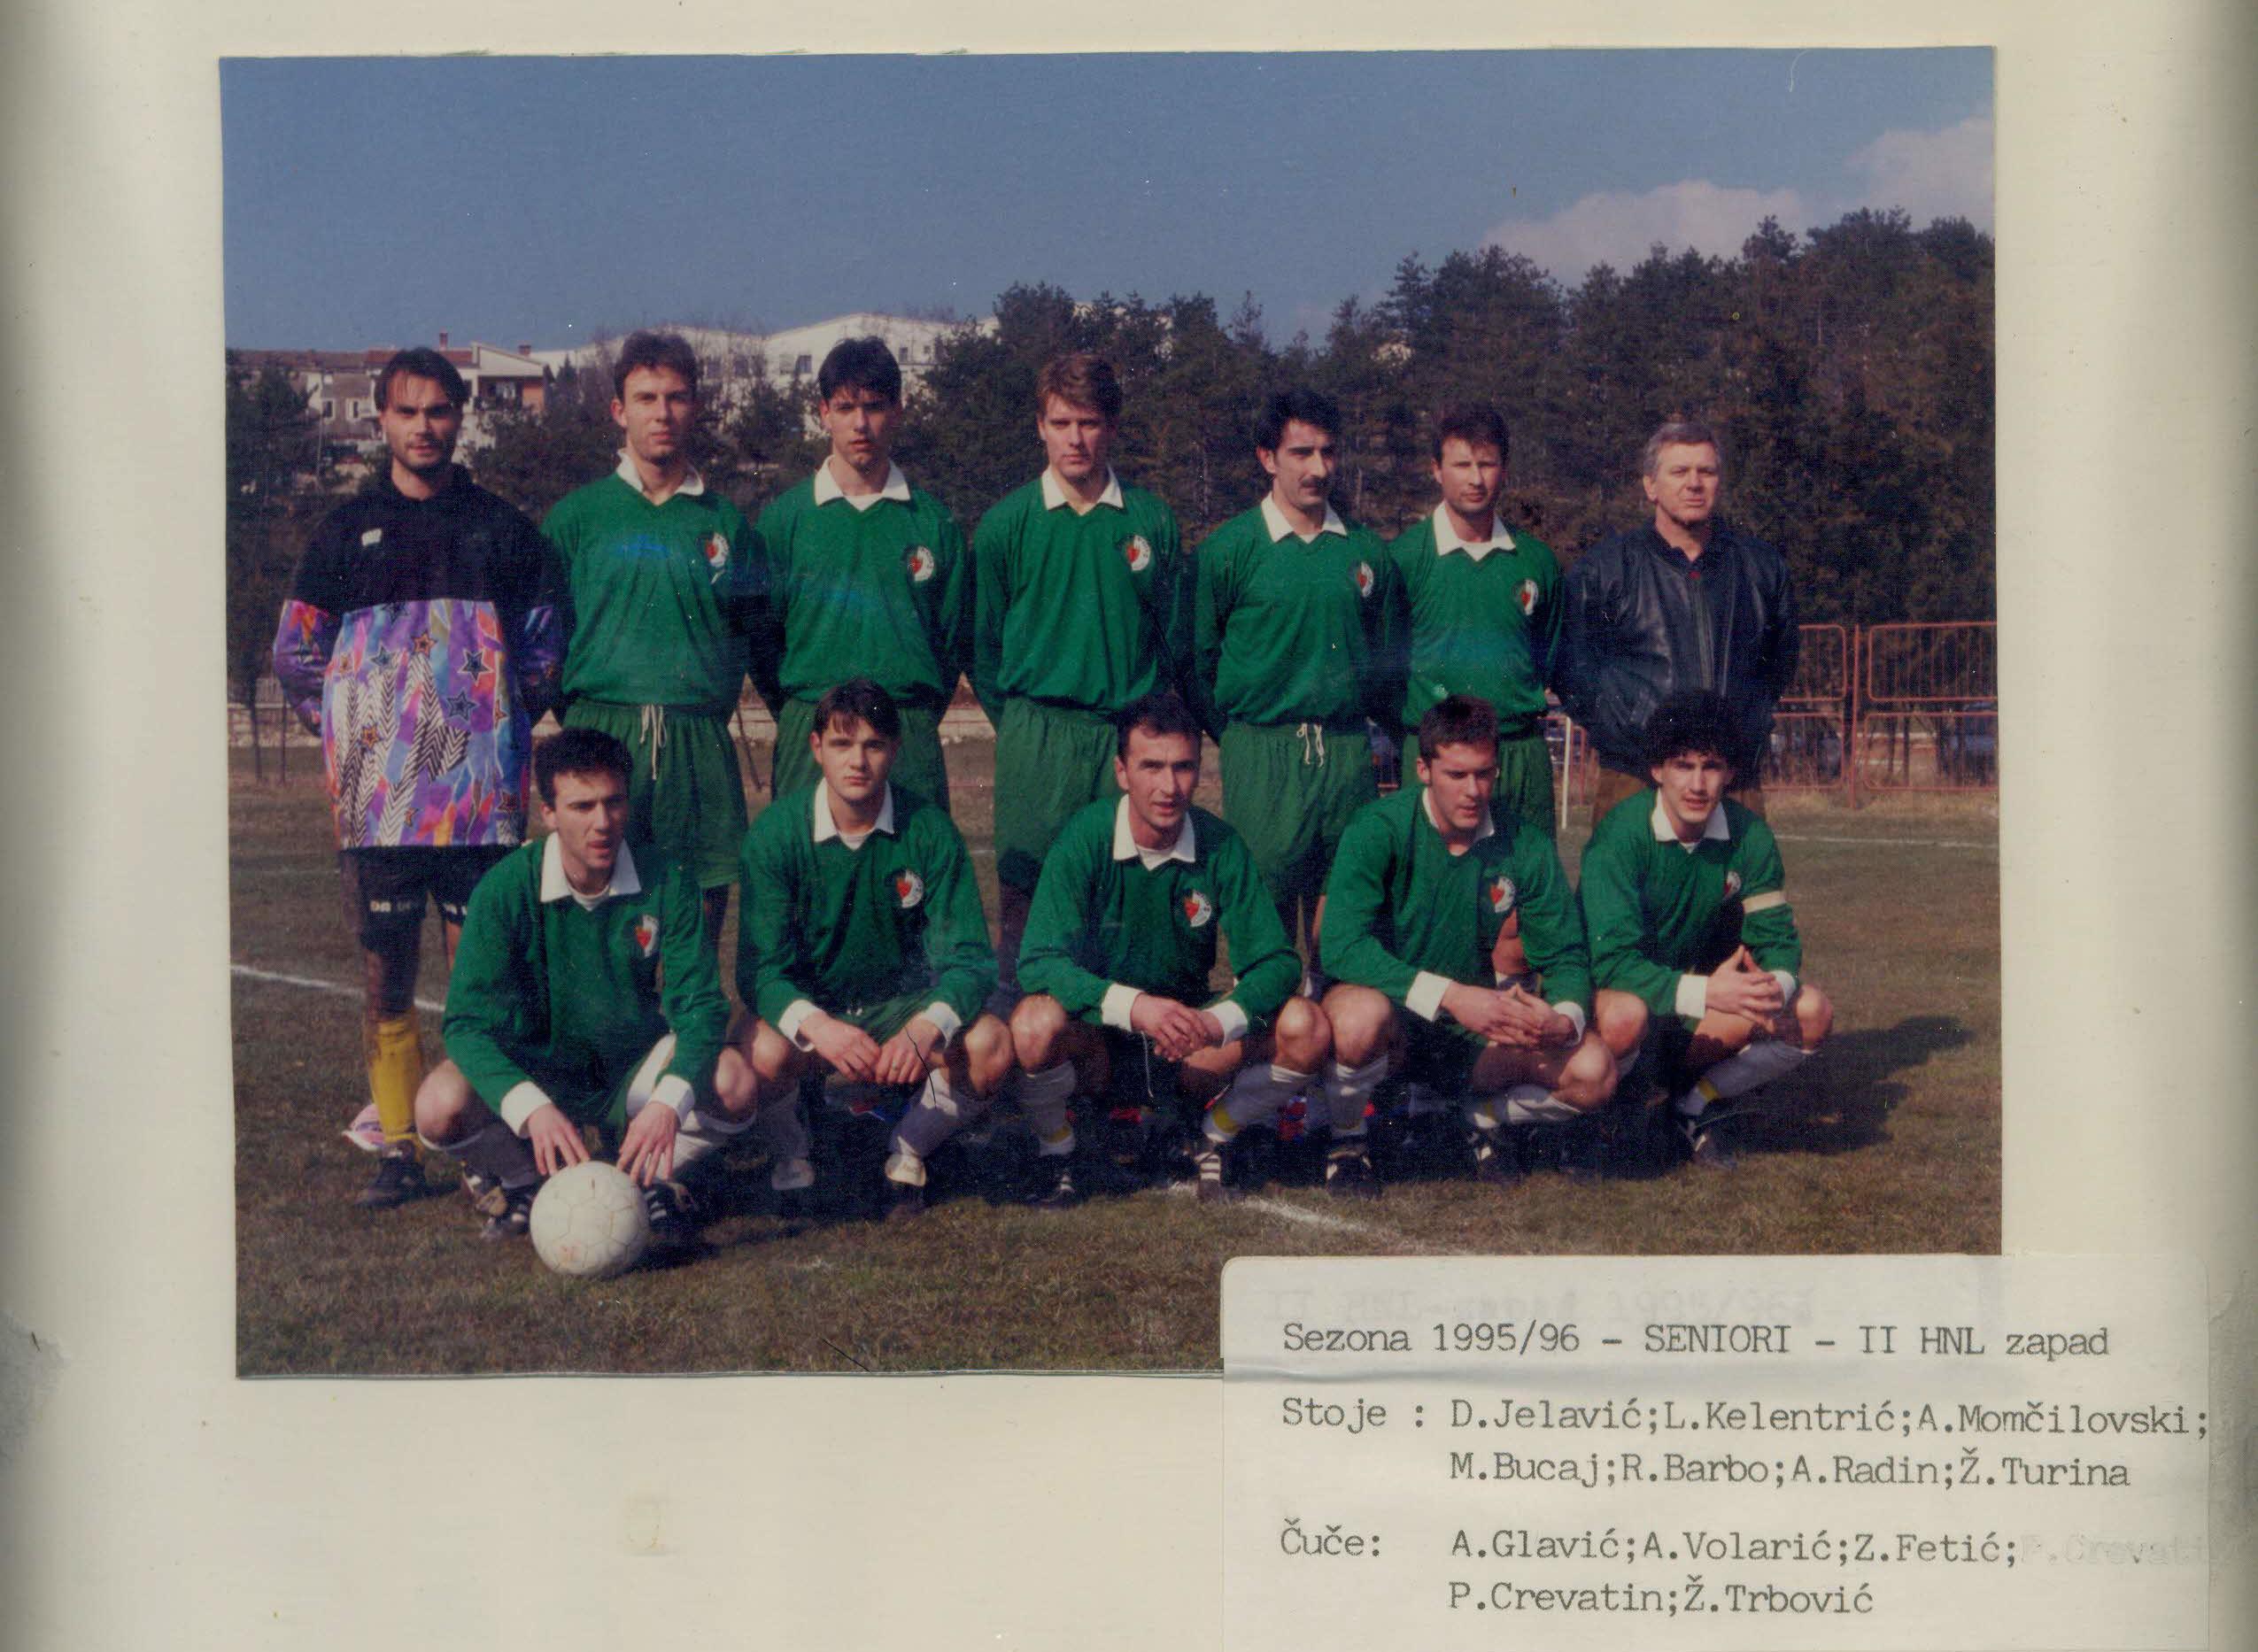 Sezona 1995/1996